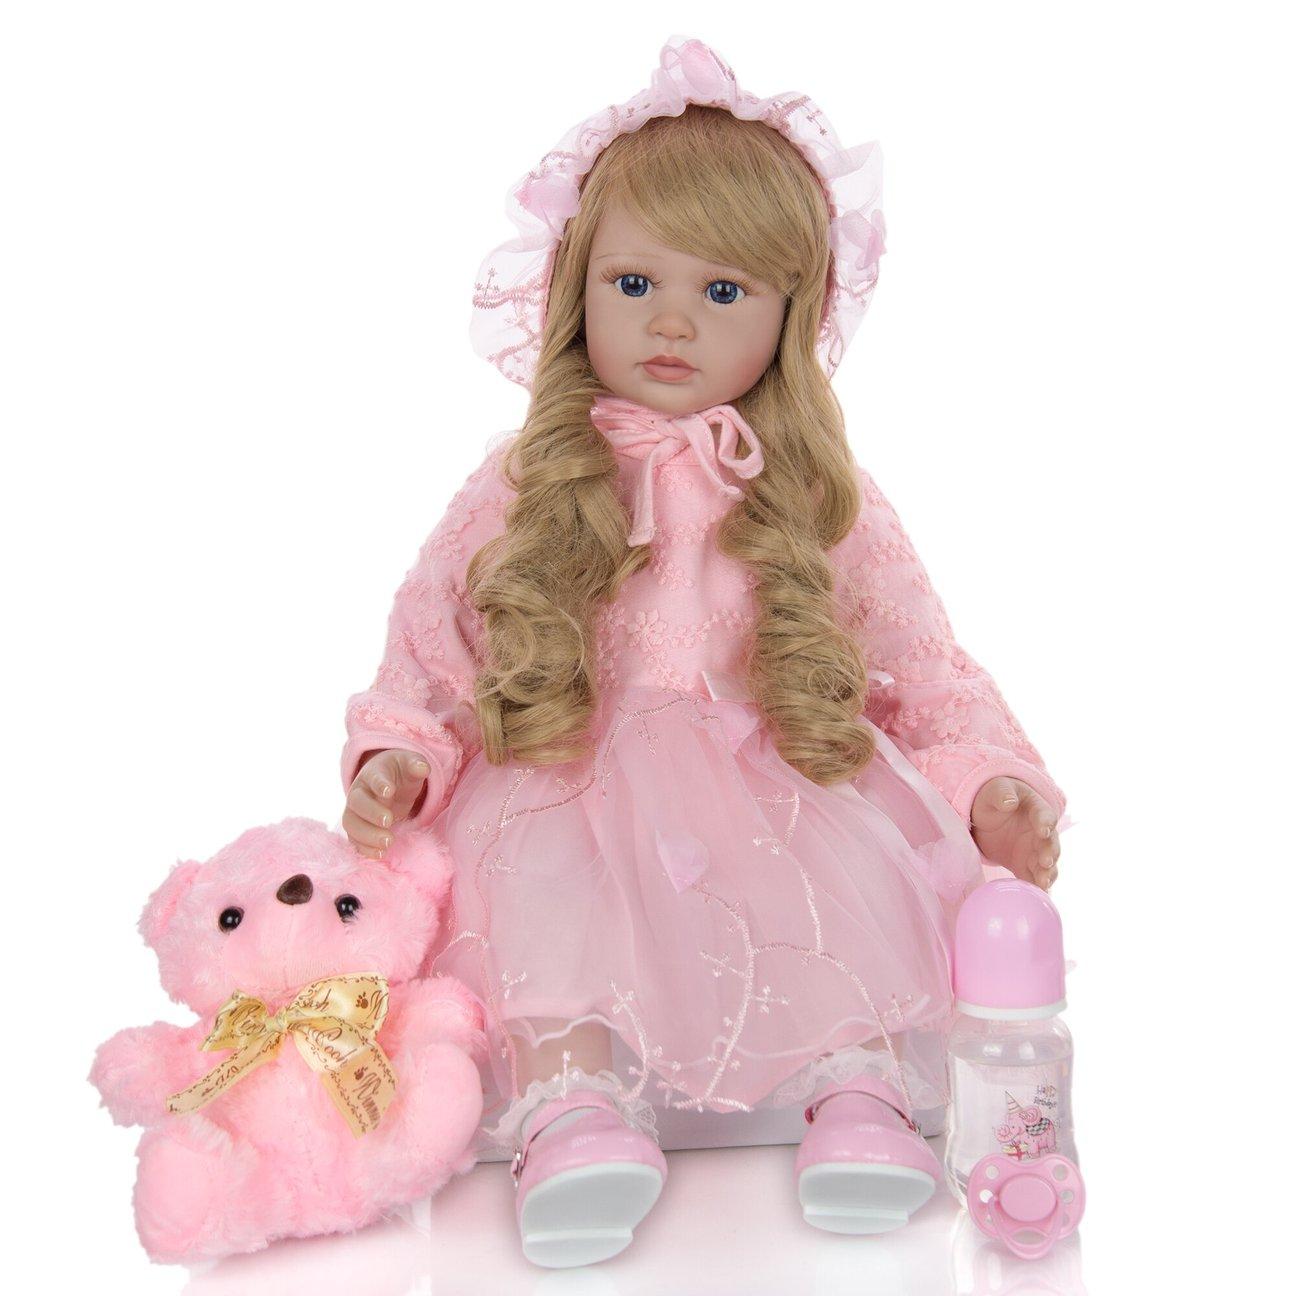 Alina est un bébé reborn fille mesurant 60 cm.